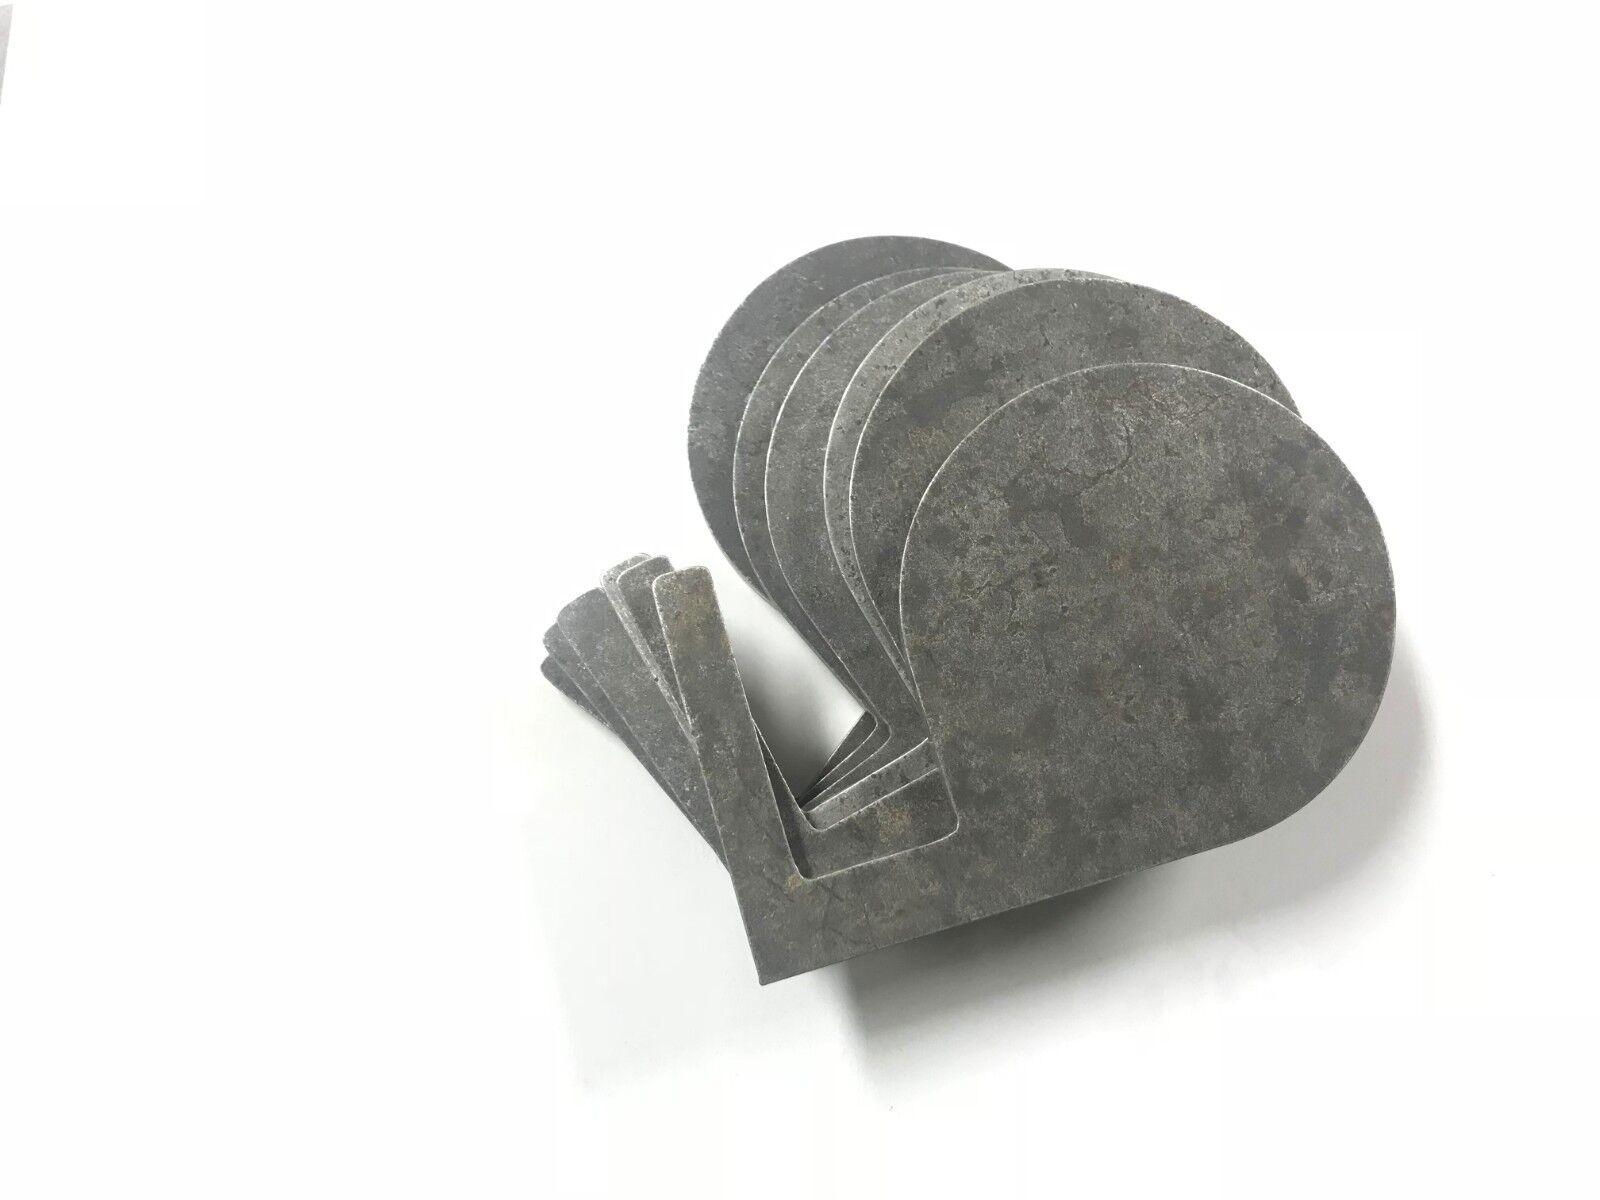 Árbol de destino de duelo de acero excedente AR500 Hágalo usted mismo kit (6) 6  X 1 2  Paletas